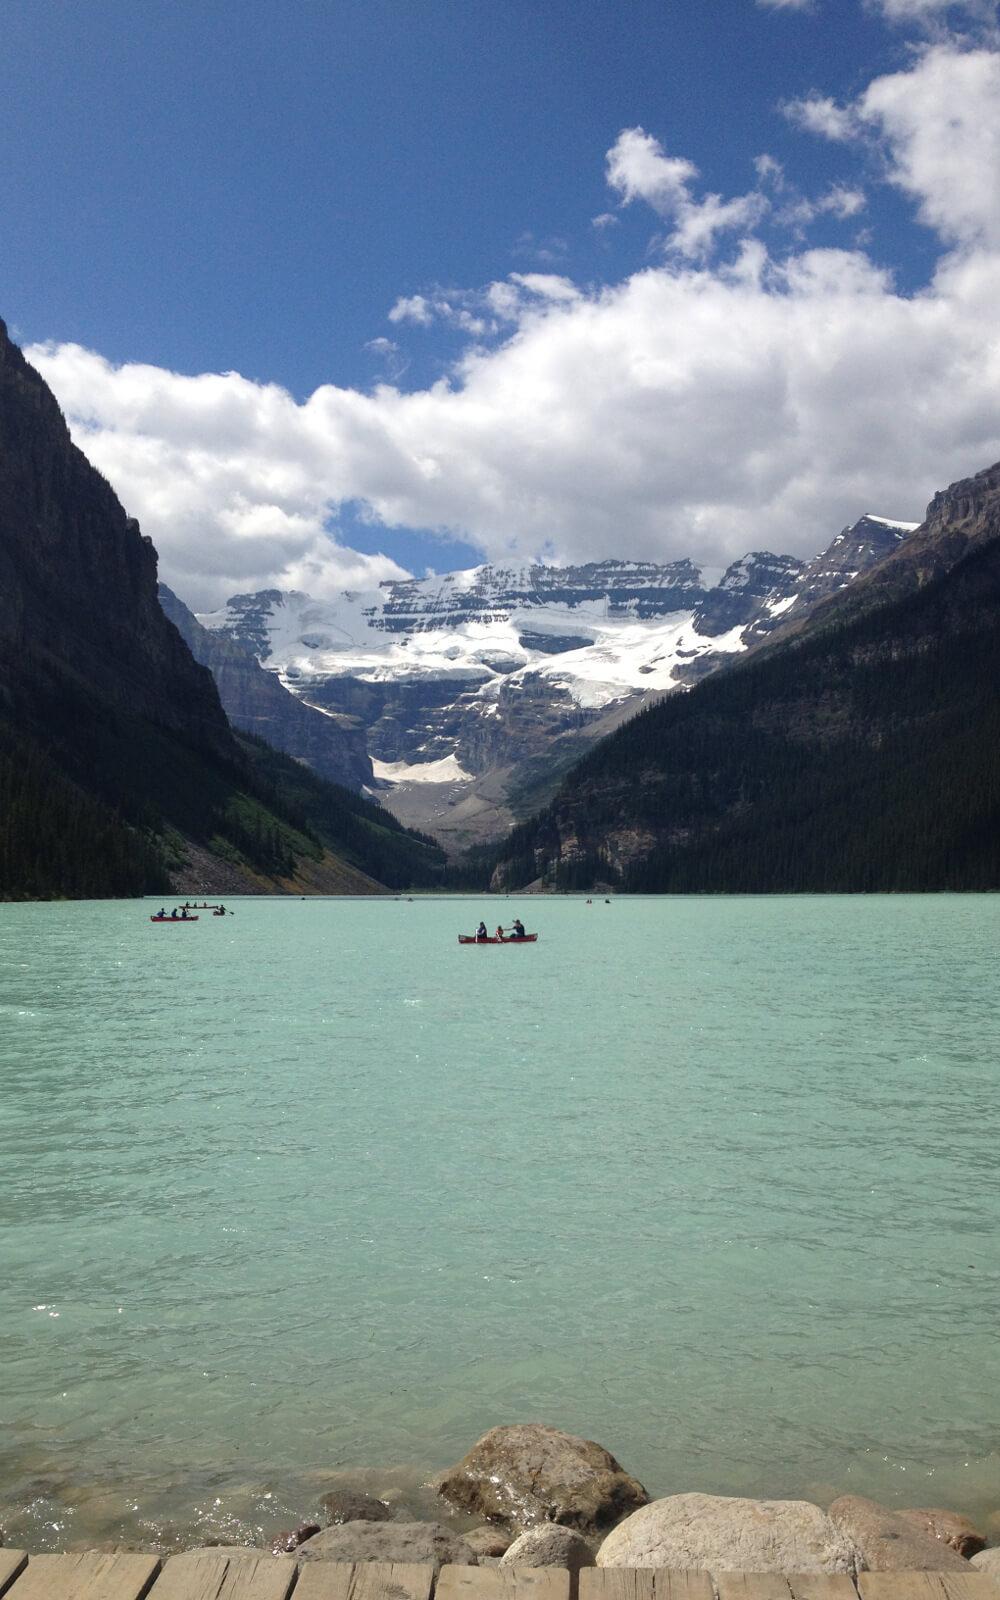 Boote auf einem kanadischen Gebirgssee